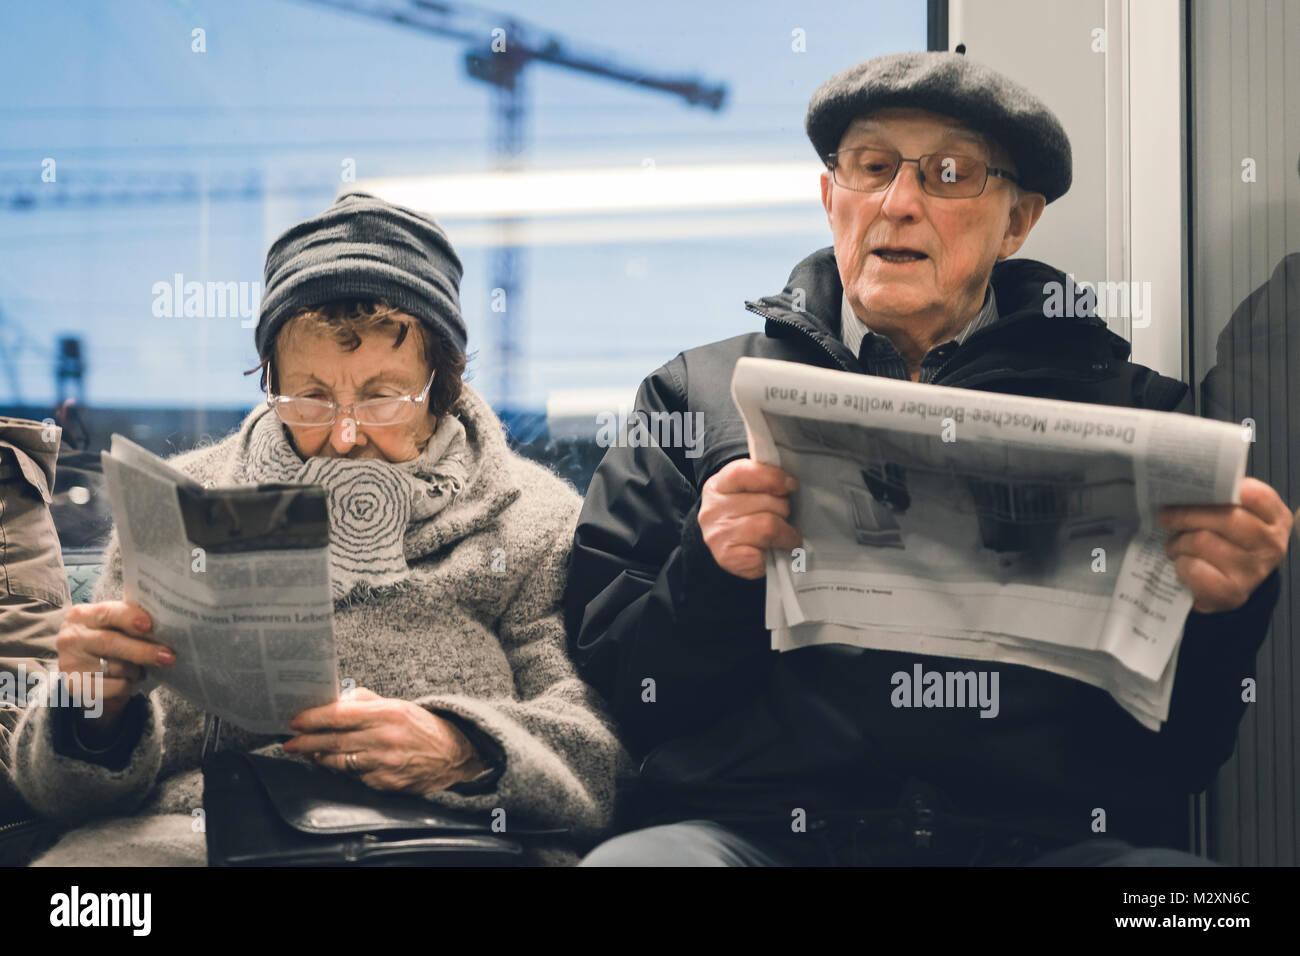 Coppia di anziani leggendo il giornale con la S-Bahn Berlin. Immagini Stock